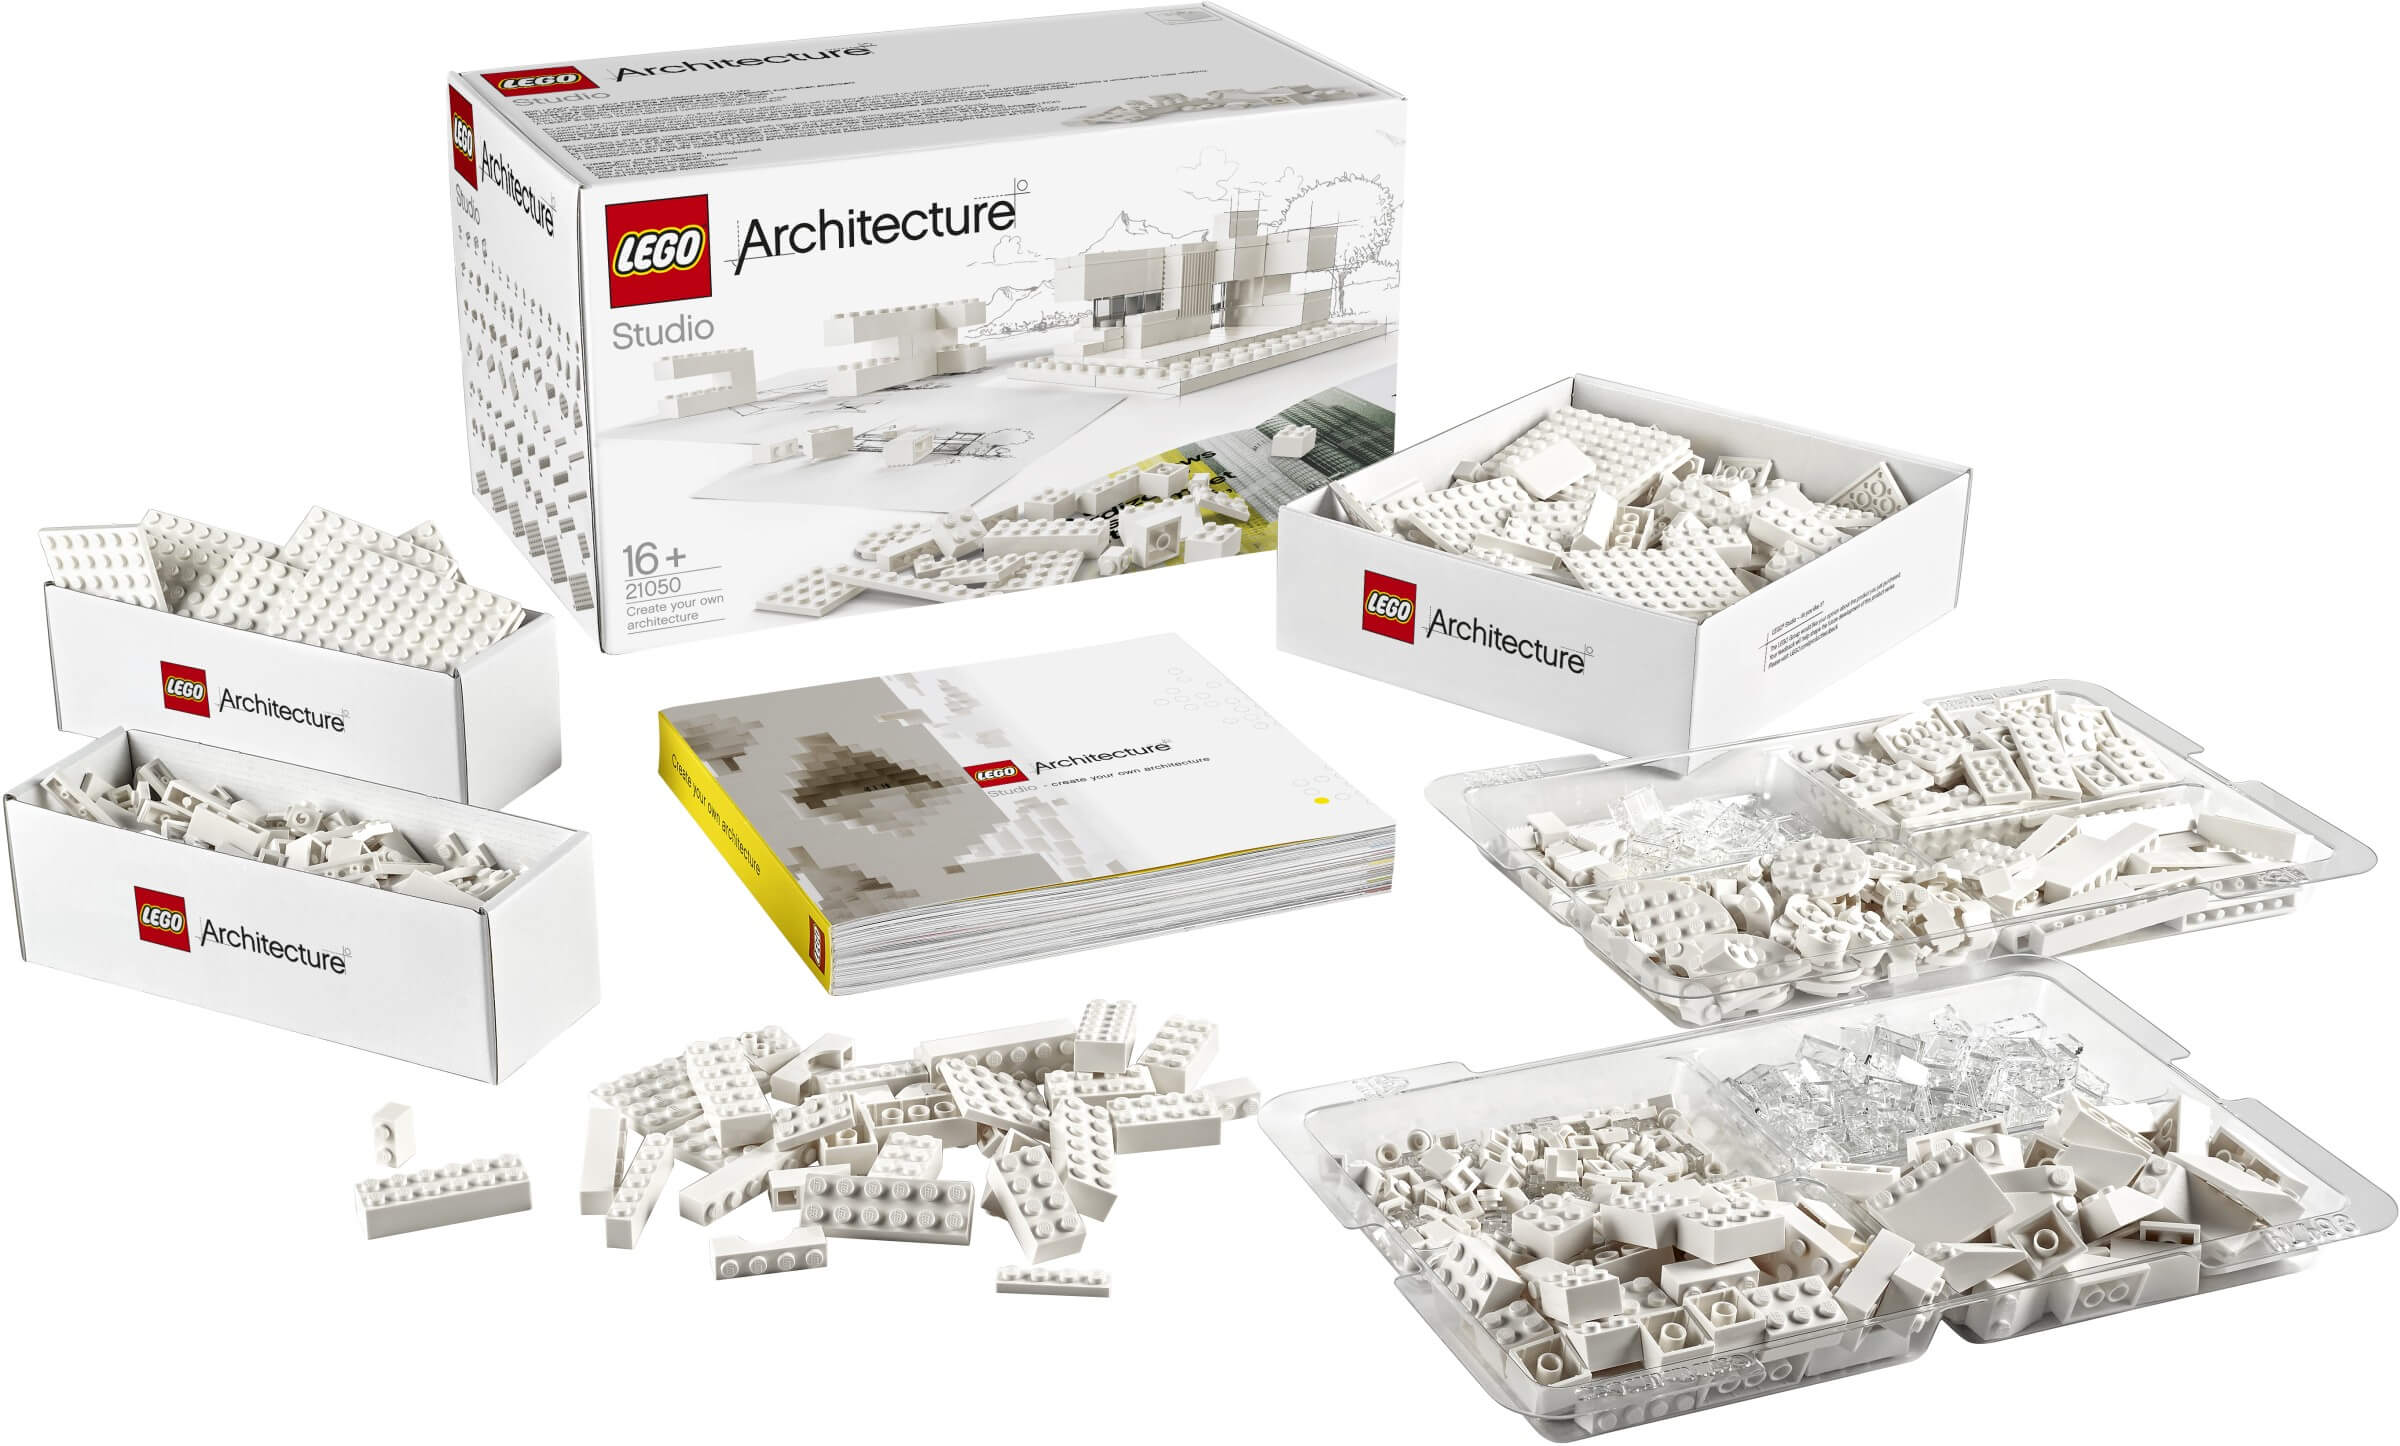 Mua đồ chơi LEGO 21050 - LEGO Architecture 21050 - LEGO Architecture Studio - Xây dựng Công trình kiến trúc (LEGO Architecture Studio 21050)